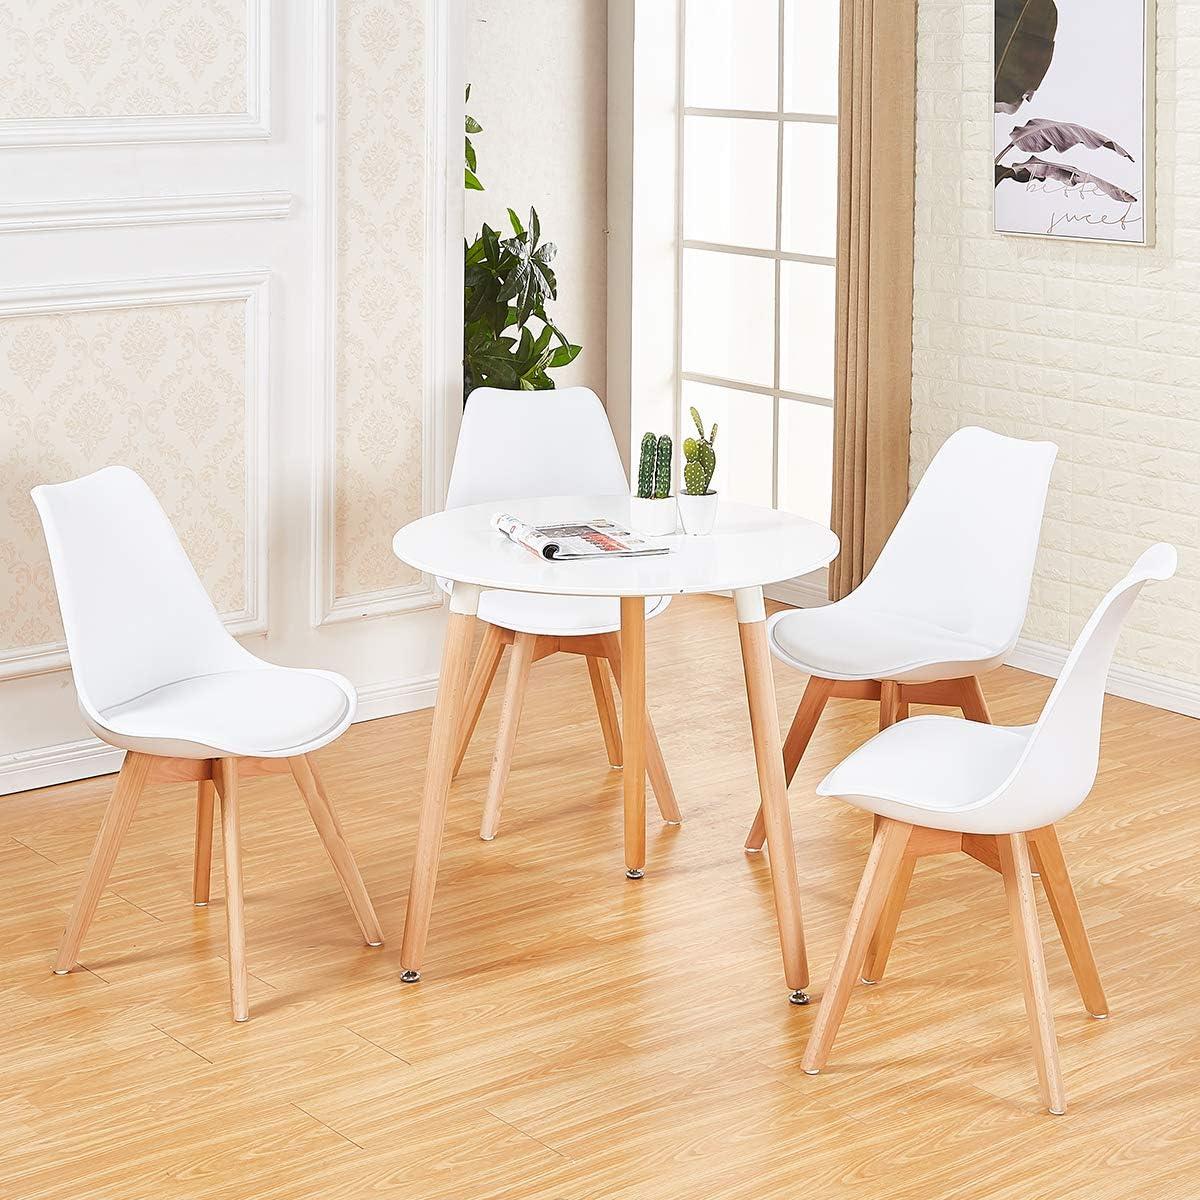 DORAFAIR Pack de 4 Sillas & Mesa, Juego de sillas de Comedor,Comedor de diseño nórdico, Color Blanco: Amazon.es: Hogar